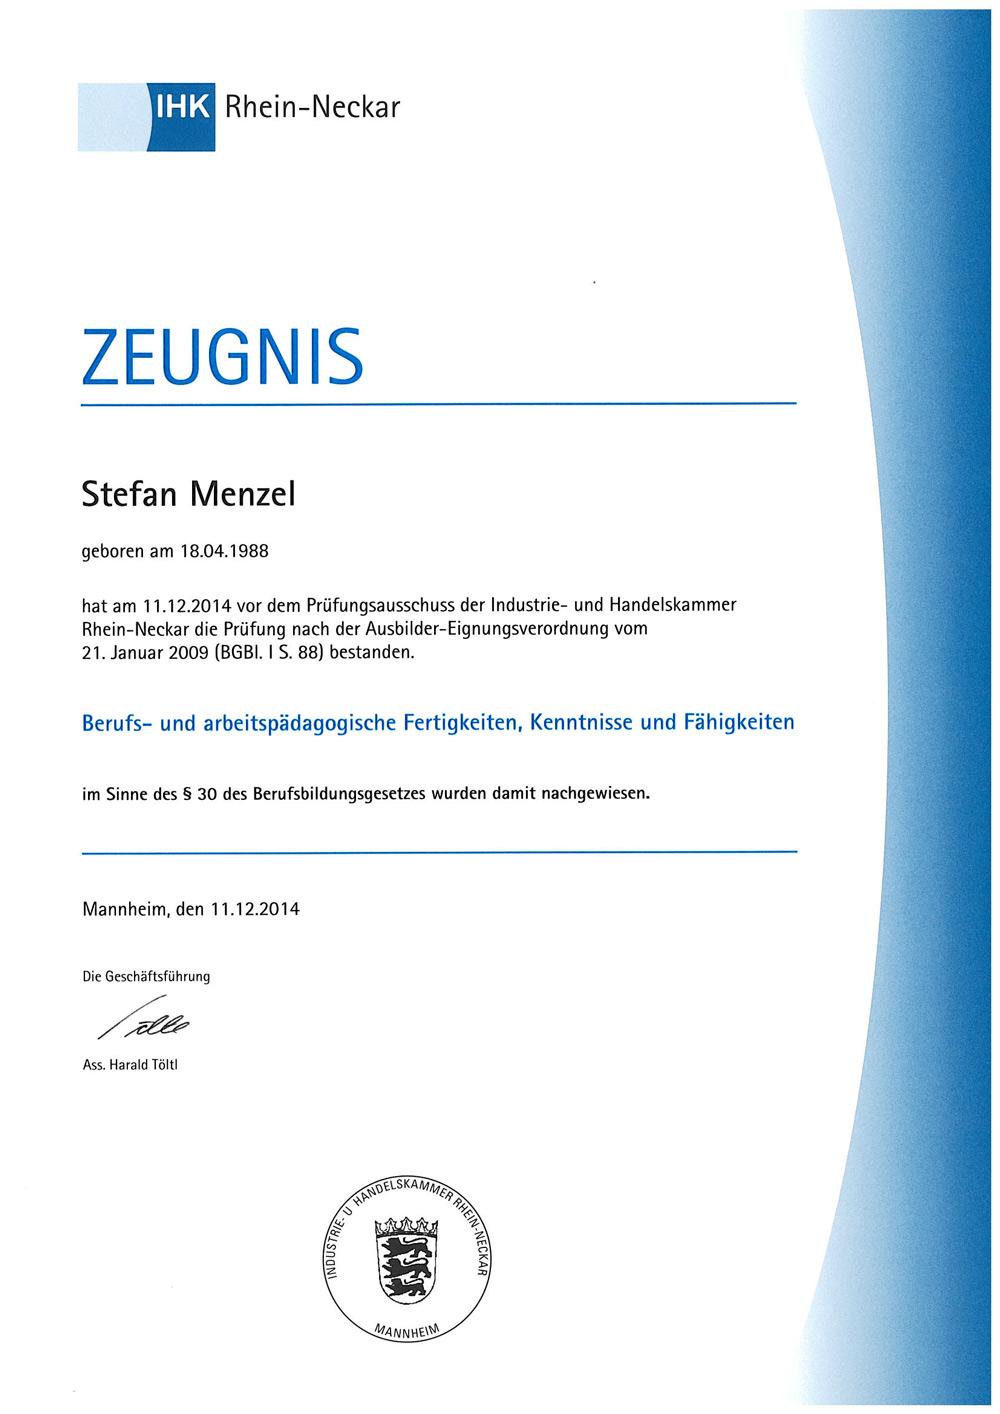 """IHK Zeugnis """"Berufs- und arbeitspädagogische Fertigkeiten"""" Stefan Menzel"""